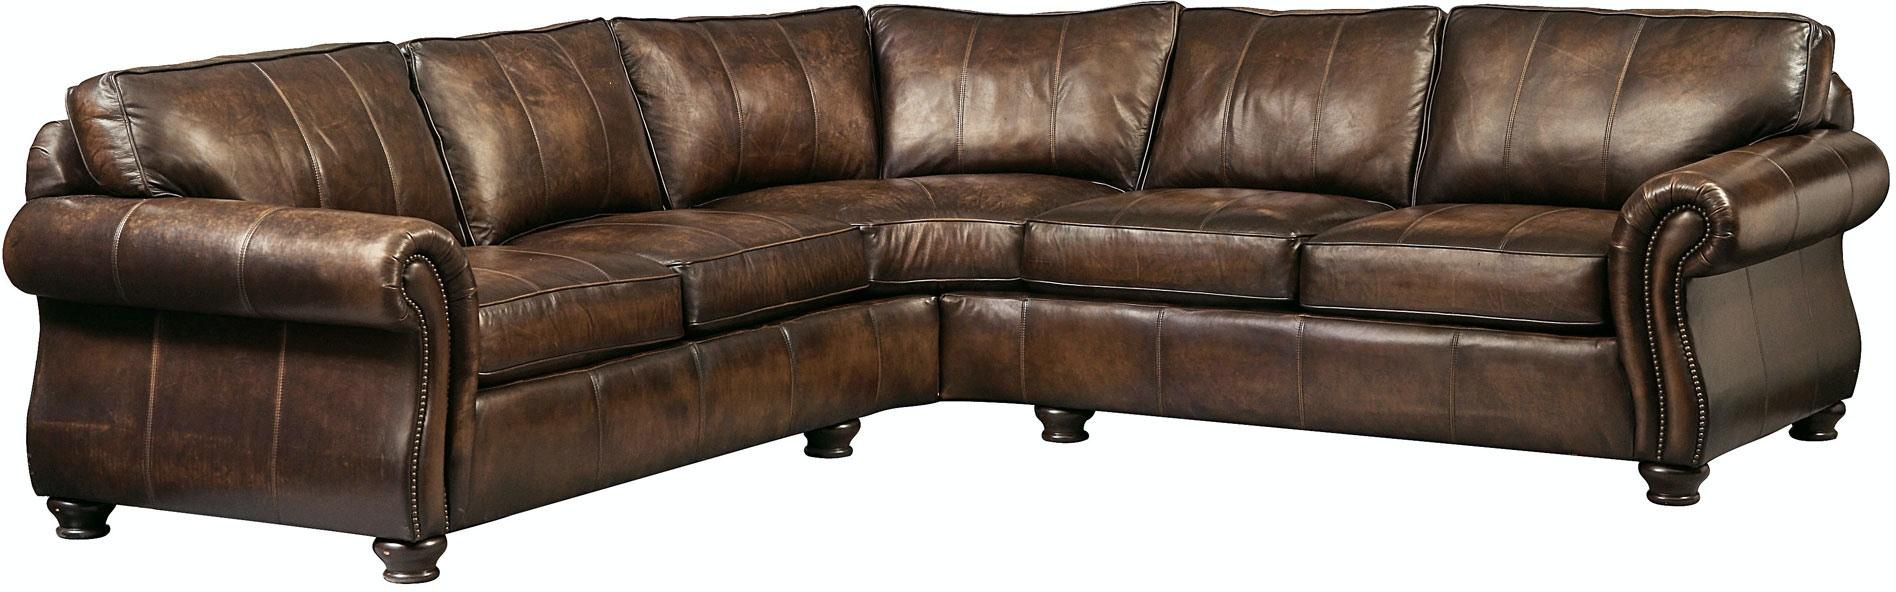 Bernhardt van gogh 2 piece leather sectional ebay - Bernhardt Furniture Van Gogh Leather Sectional Group 1992l 1991l